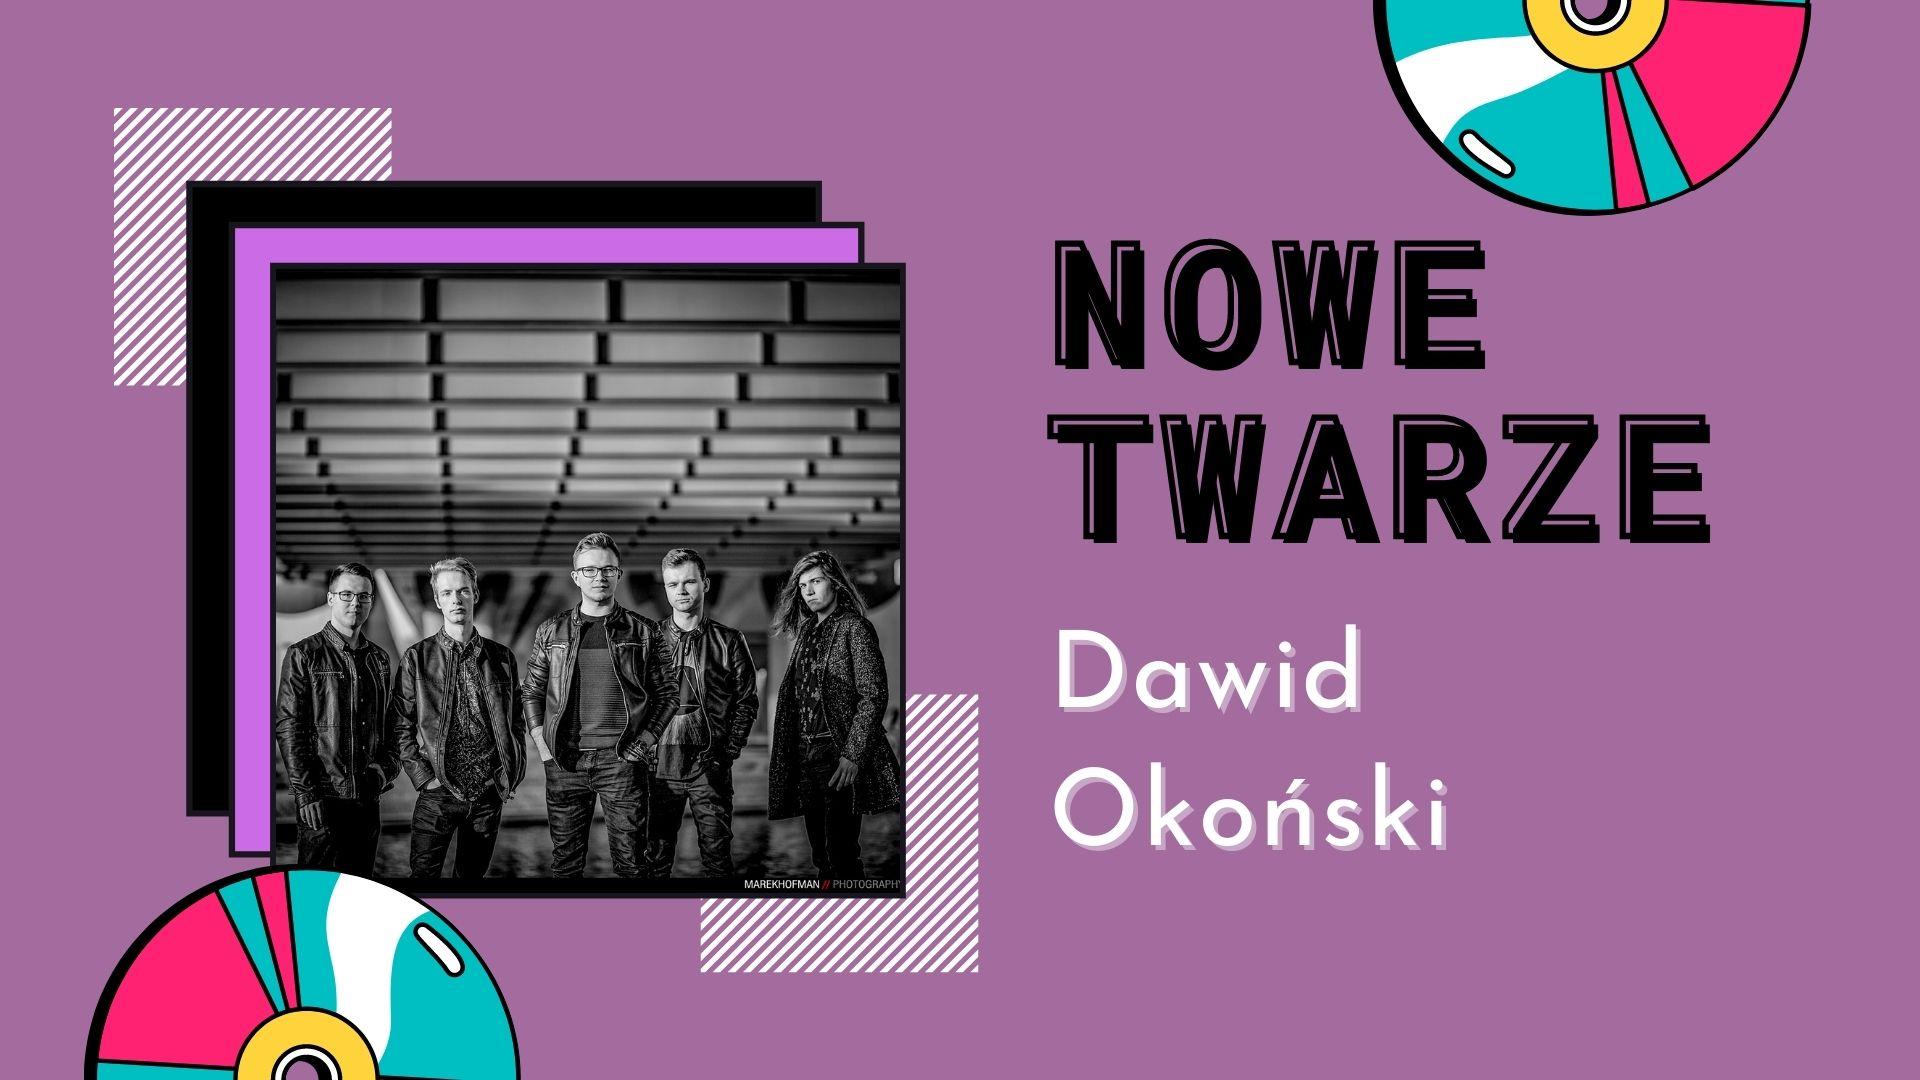 NOWE TWARZE   Dawid Okoński